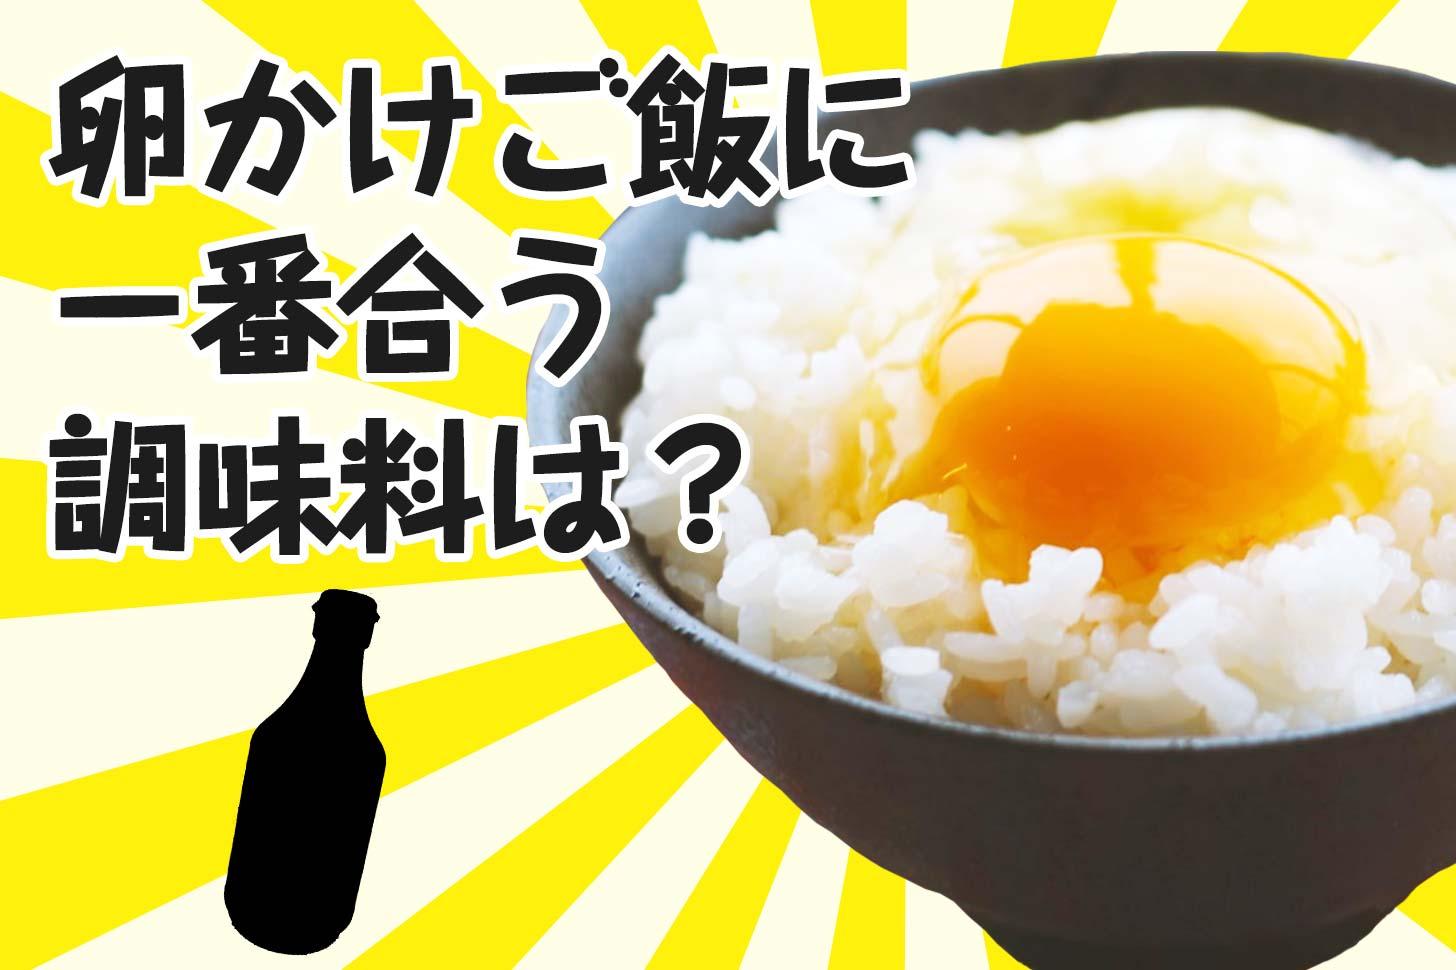 卵かけご飯に合う調味料は?